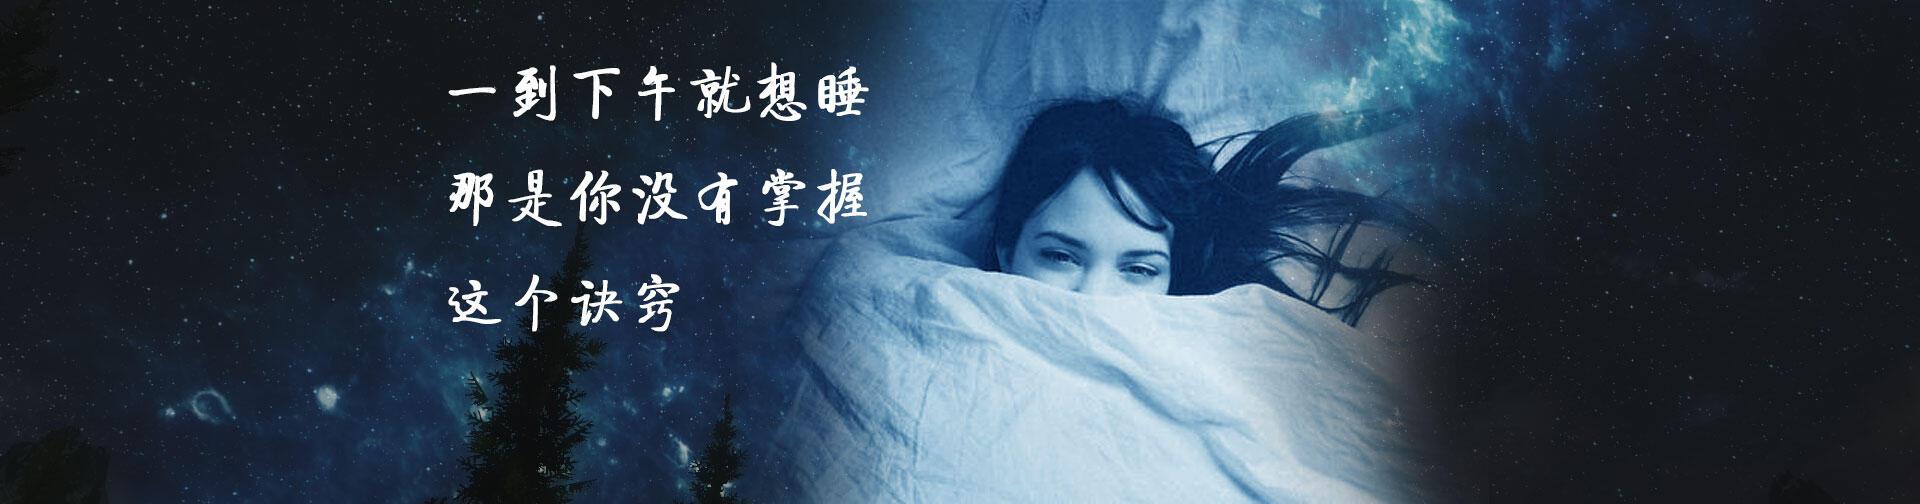 一到下午就想睡,那是你没有掌握这个诀窍